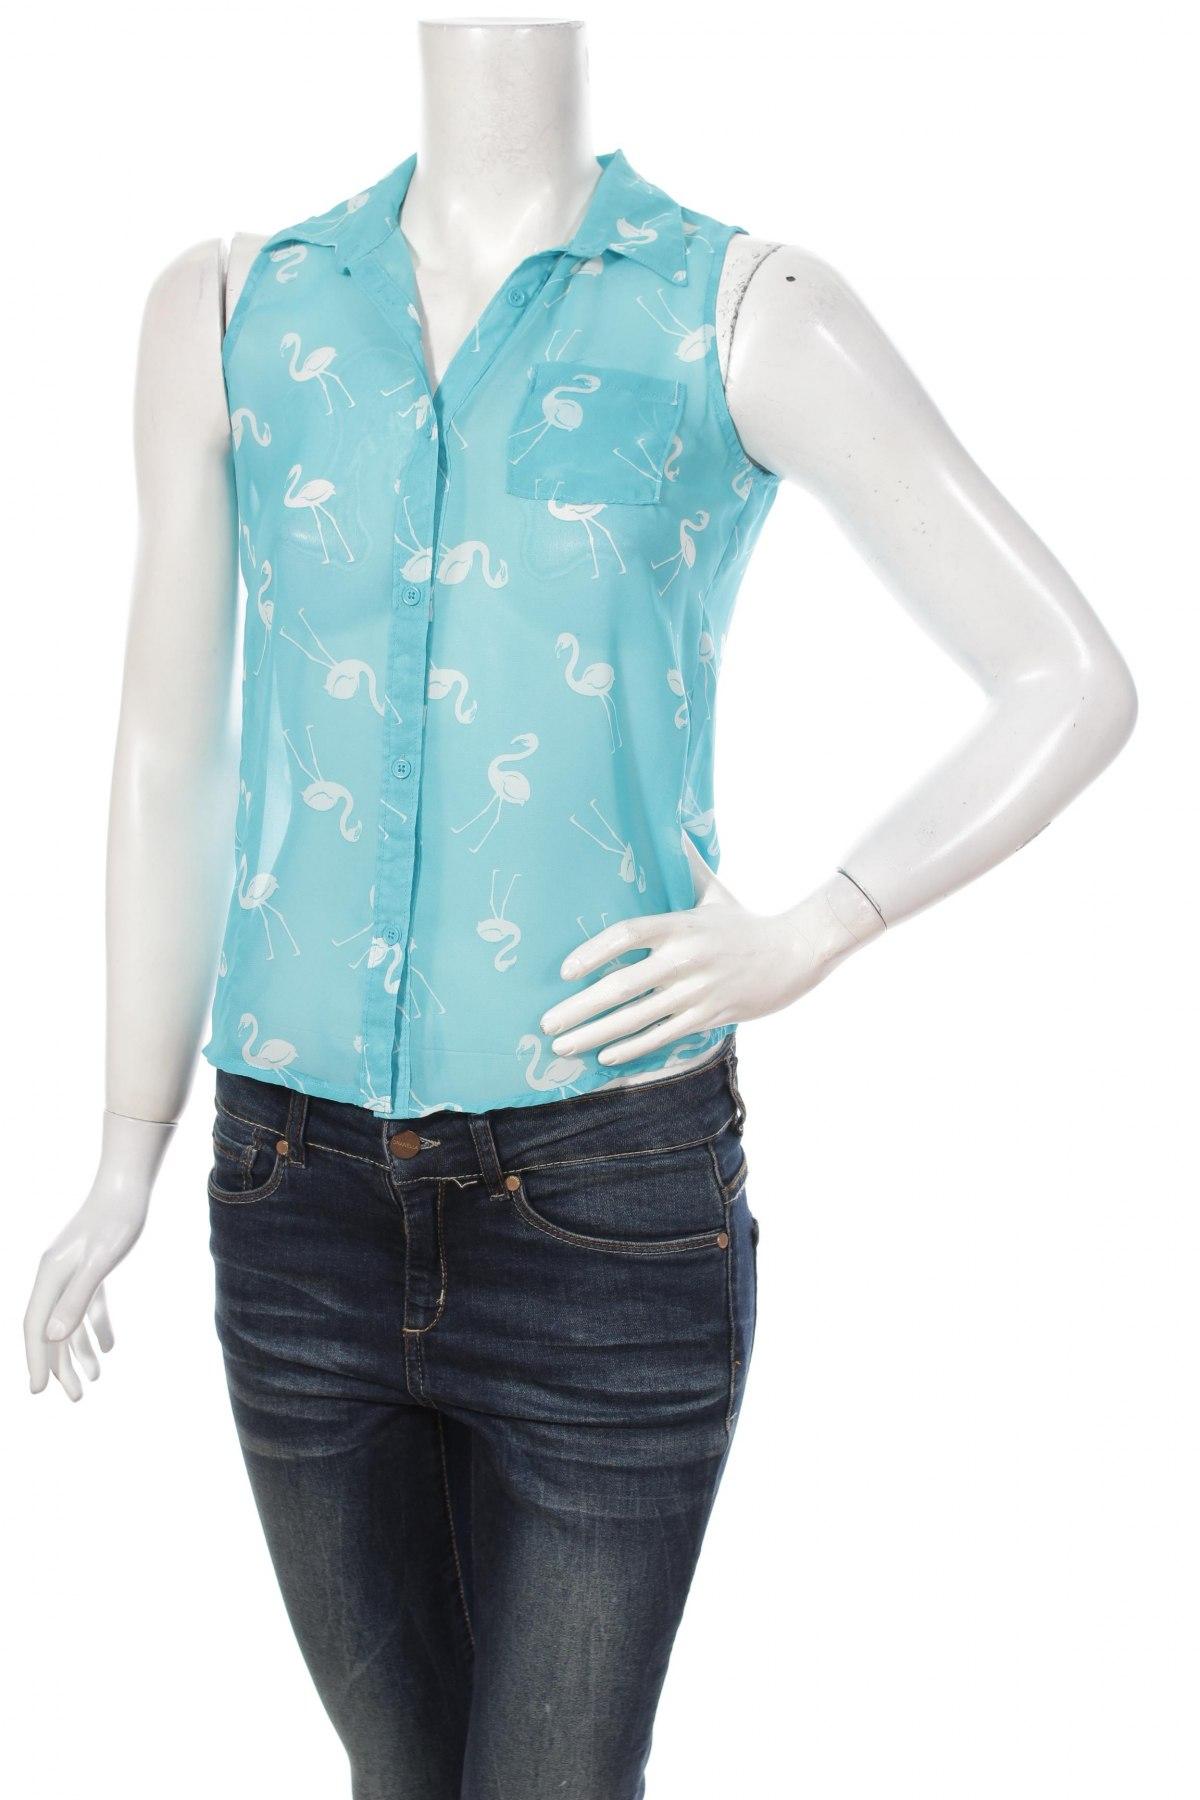 Γυναικείο πουκάμισο Xhilaration, Μέγεθος L, Χρώμα Μπλέ, 100% πολυεστέρας, Τιμή 8,66€